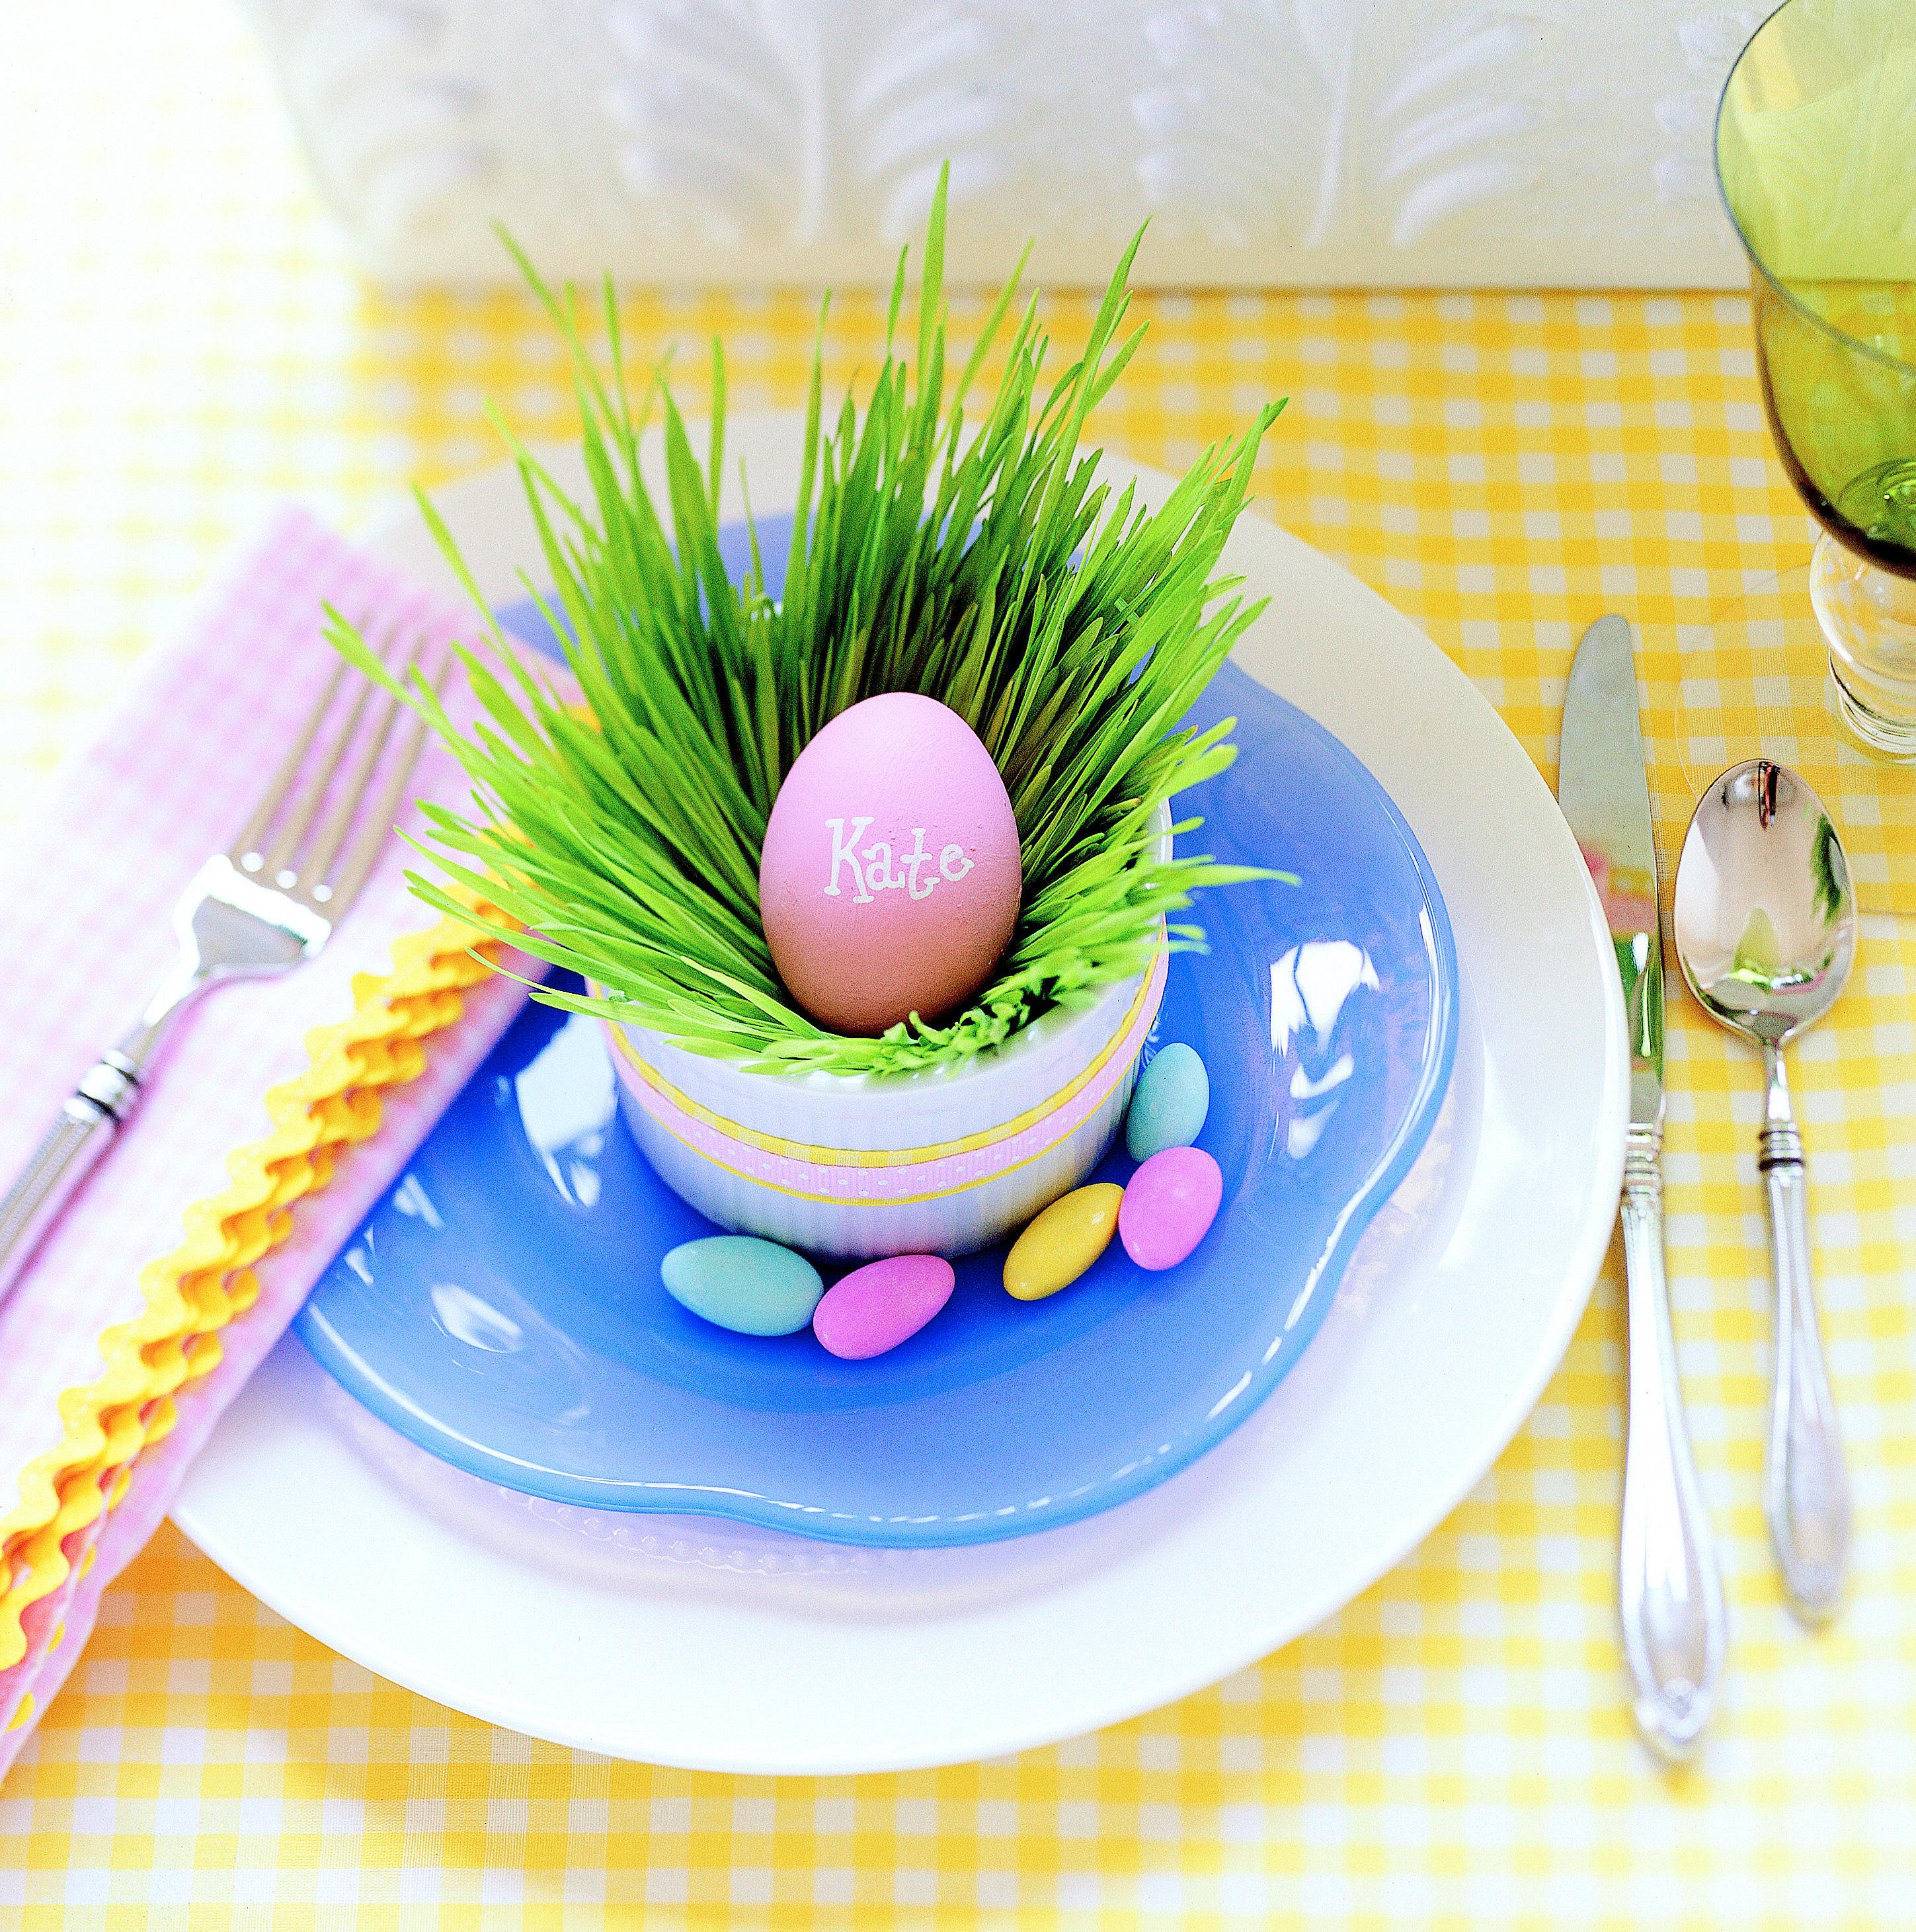 Sweet spring wake-up